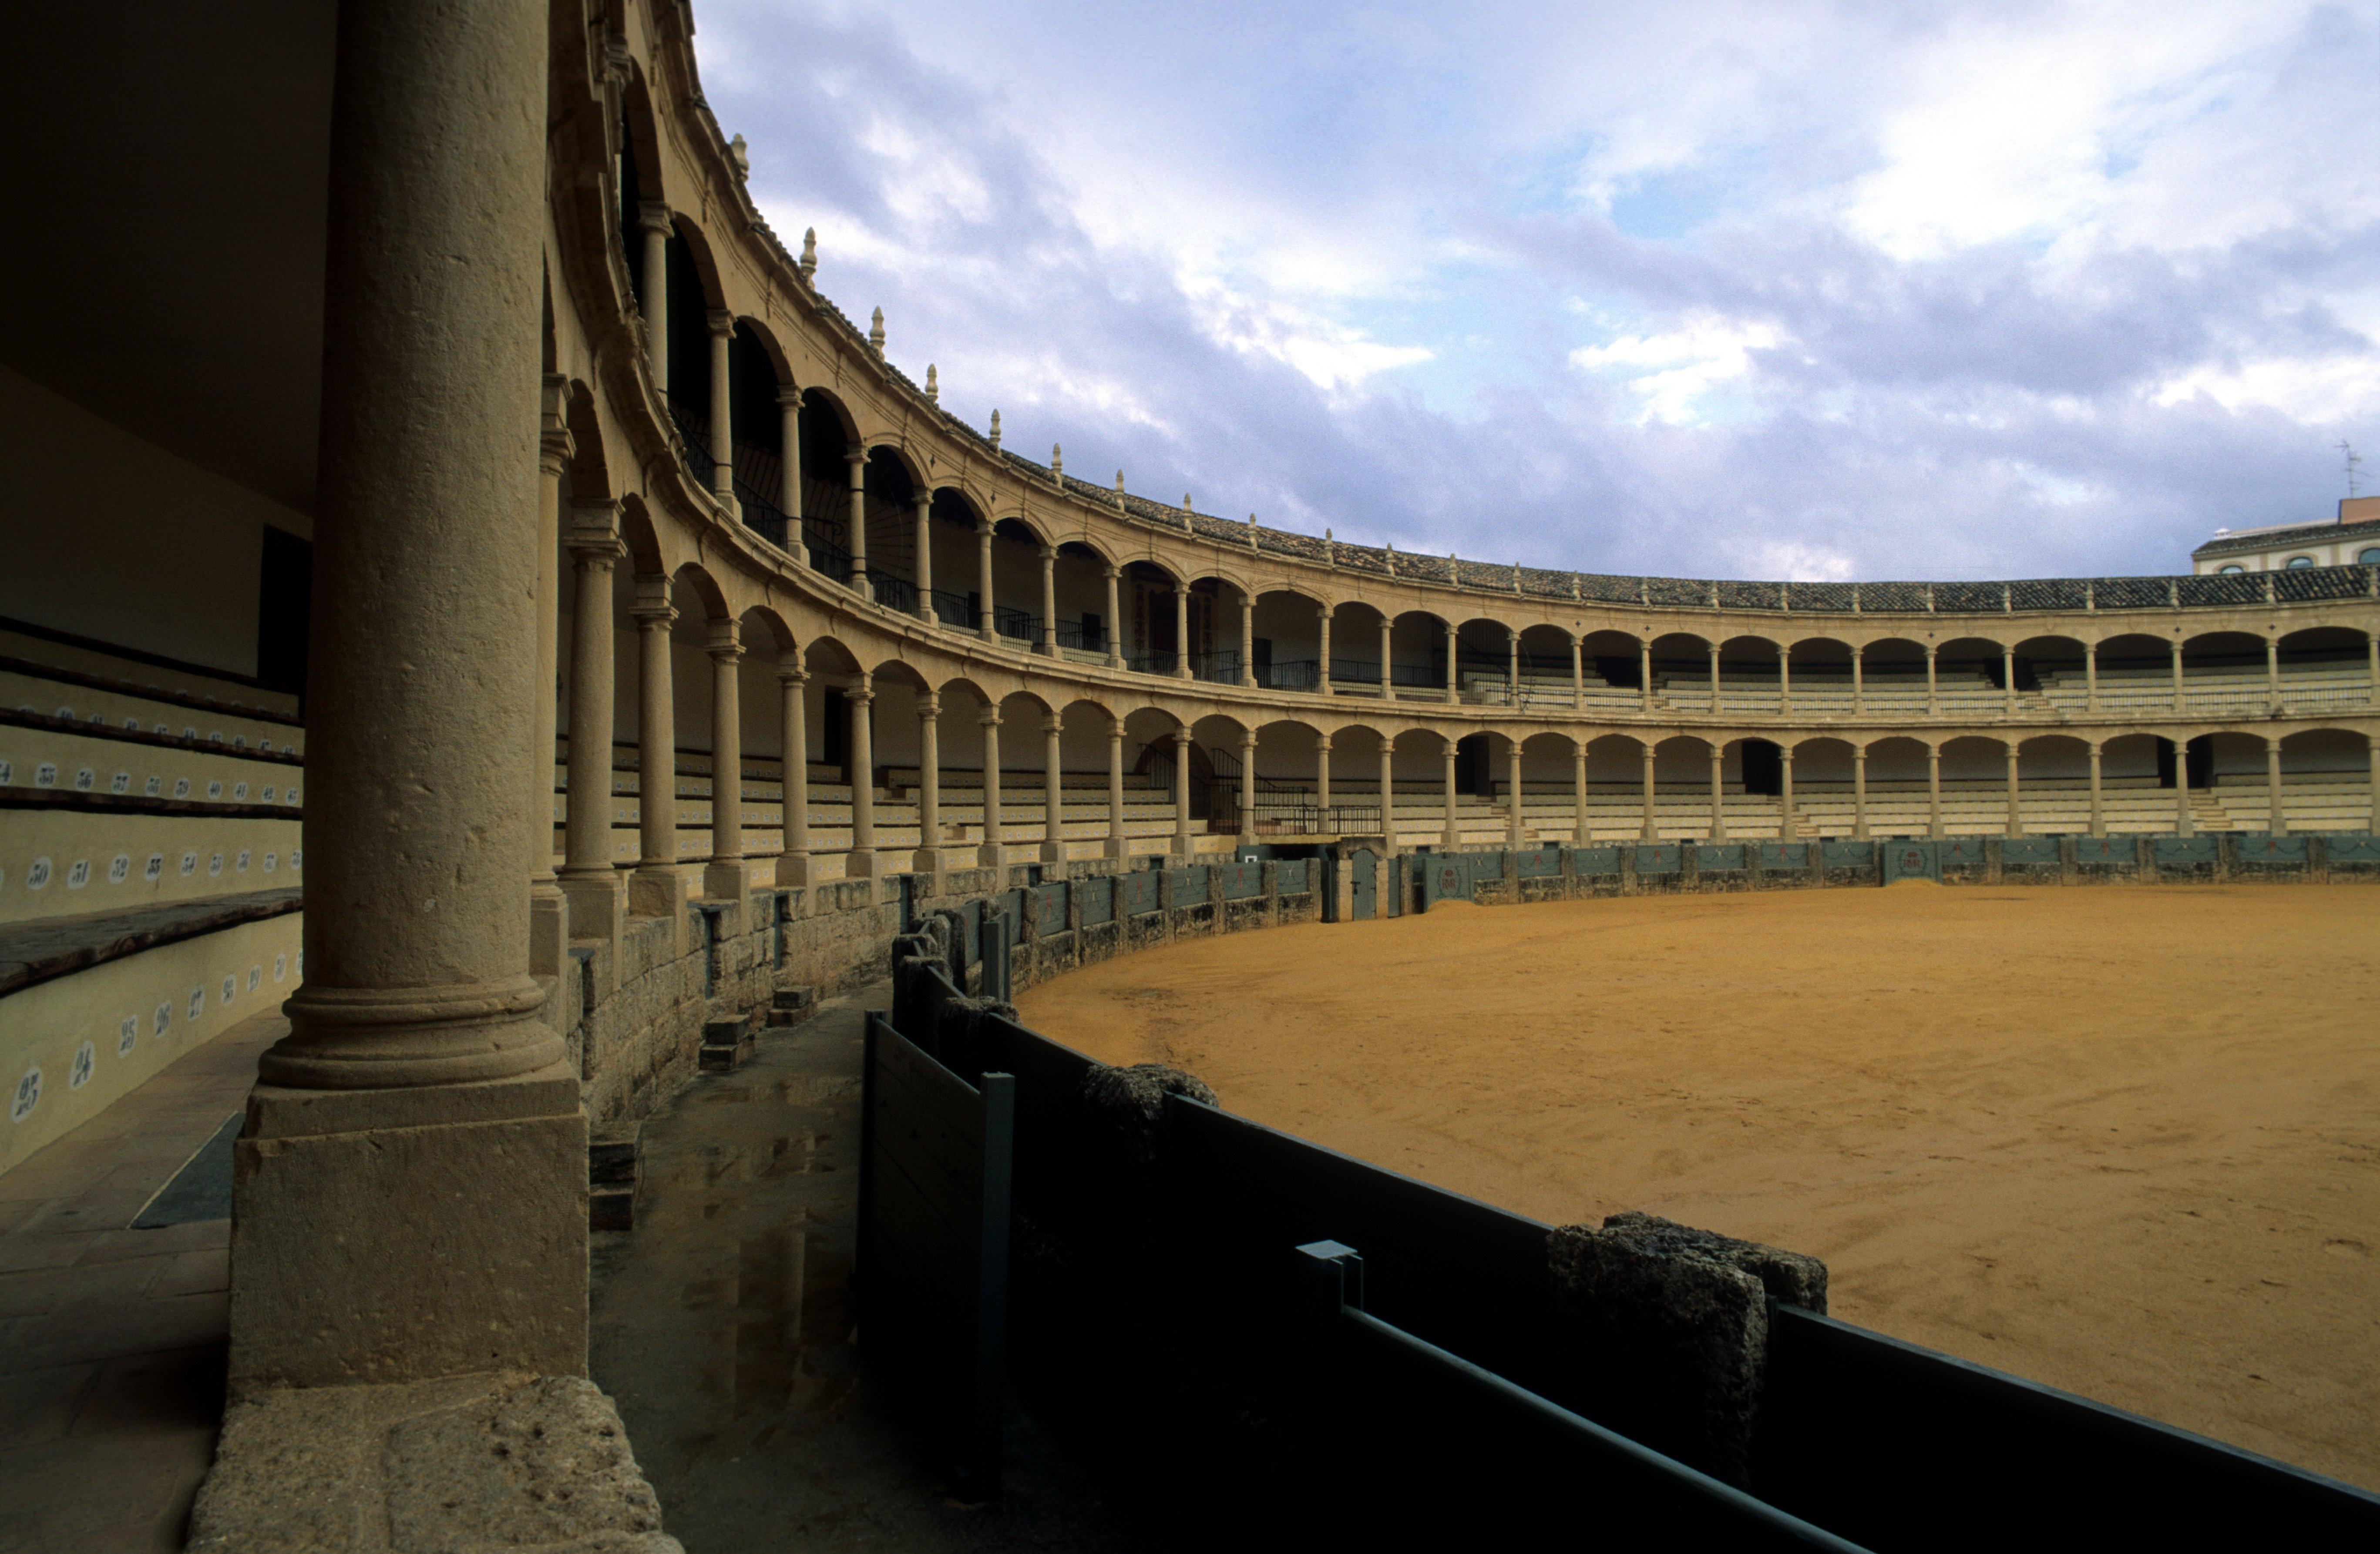 Depiction of Plaza de toros de Ronda